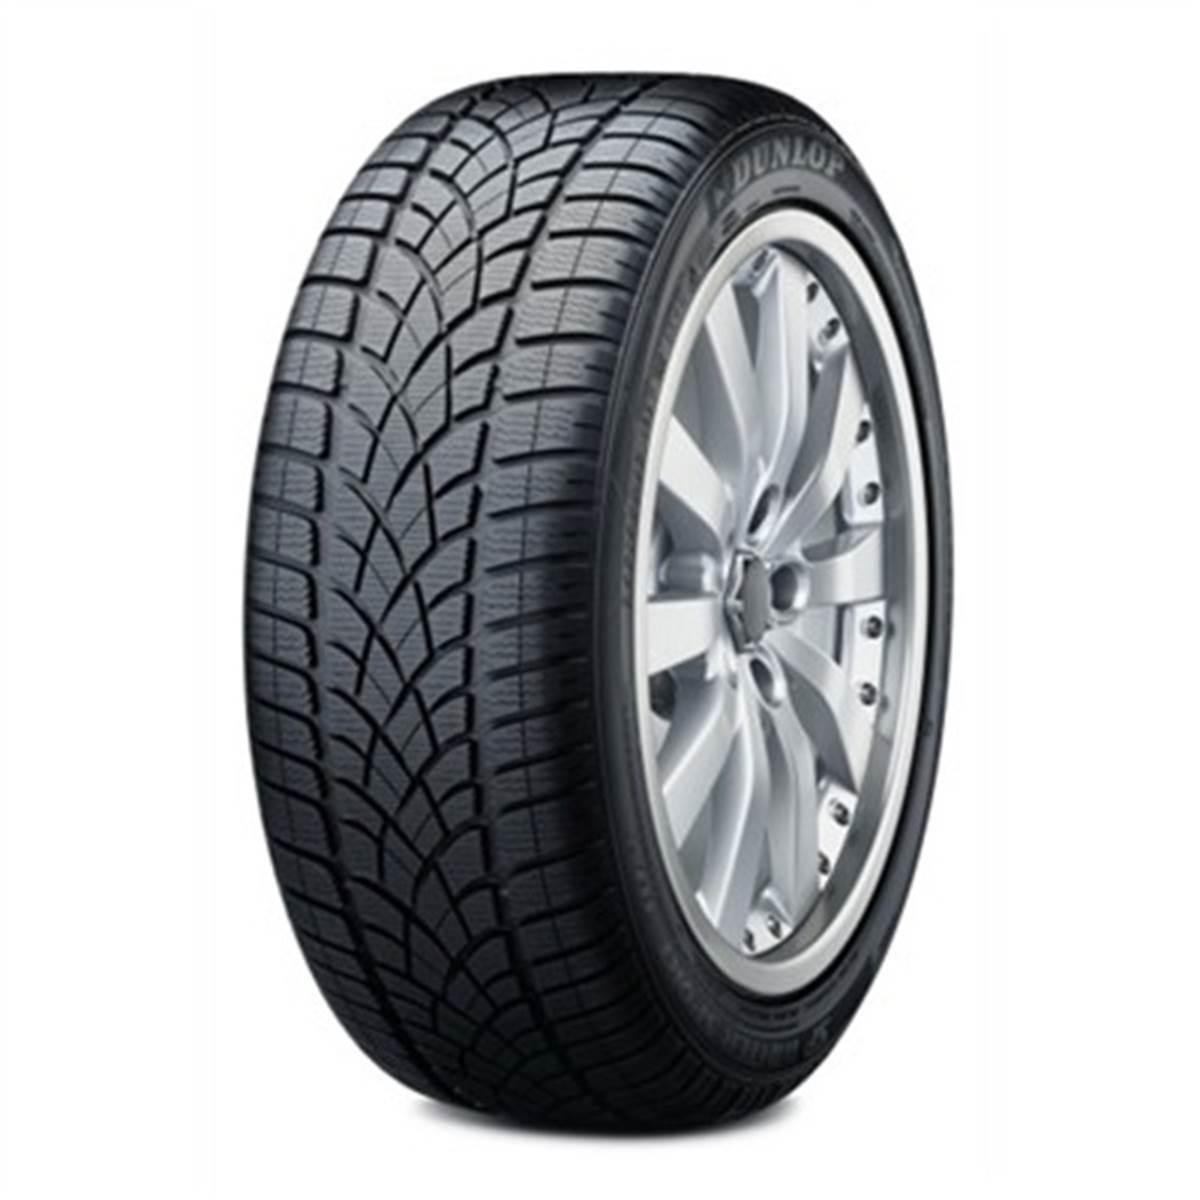 Dunlop SP Winter Sport 3D pneu